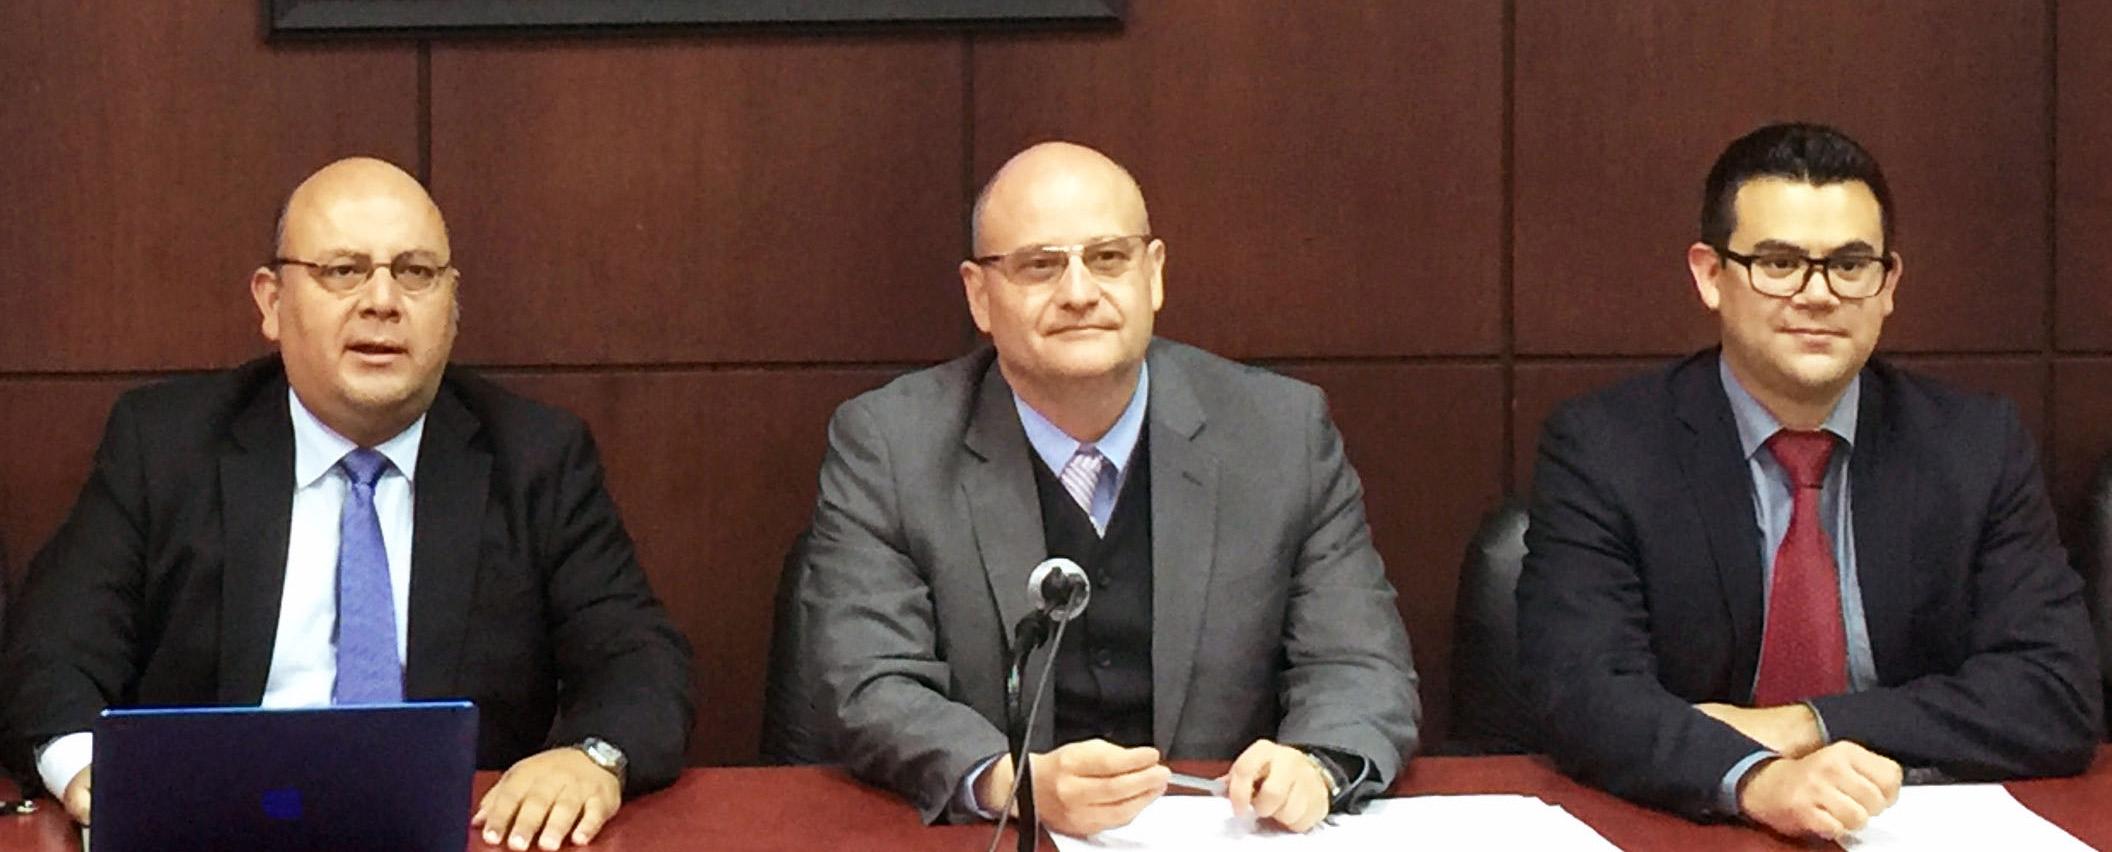 Profesor Rodrigo Barcia expone en importante seminario de Derecho en Ecuador